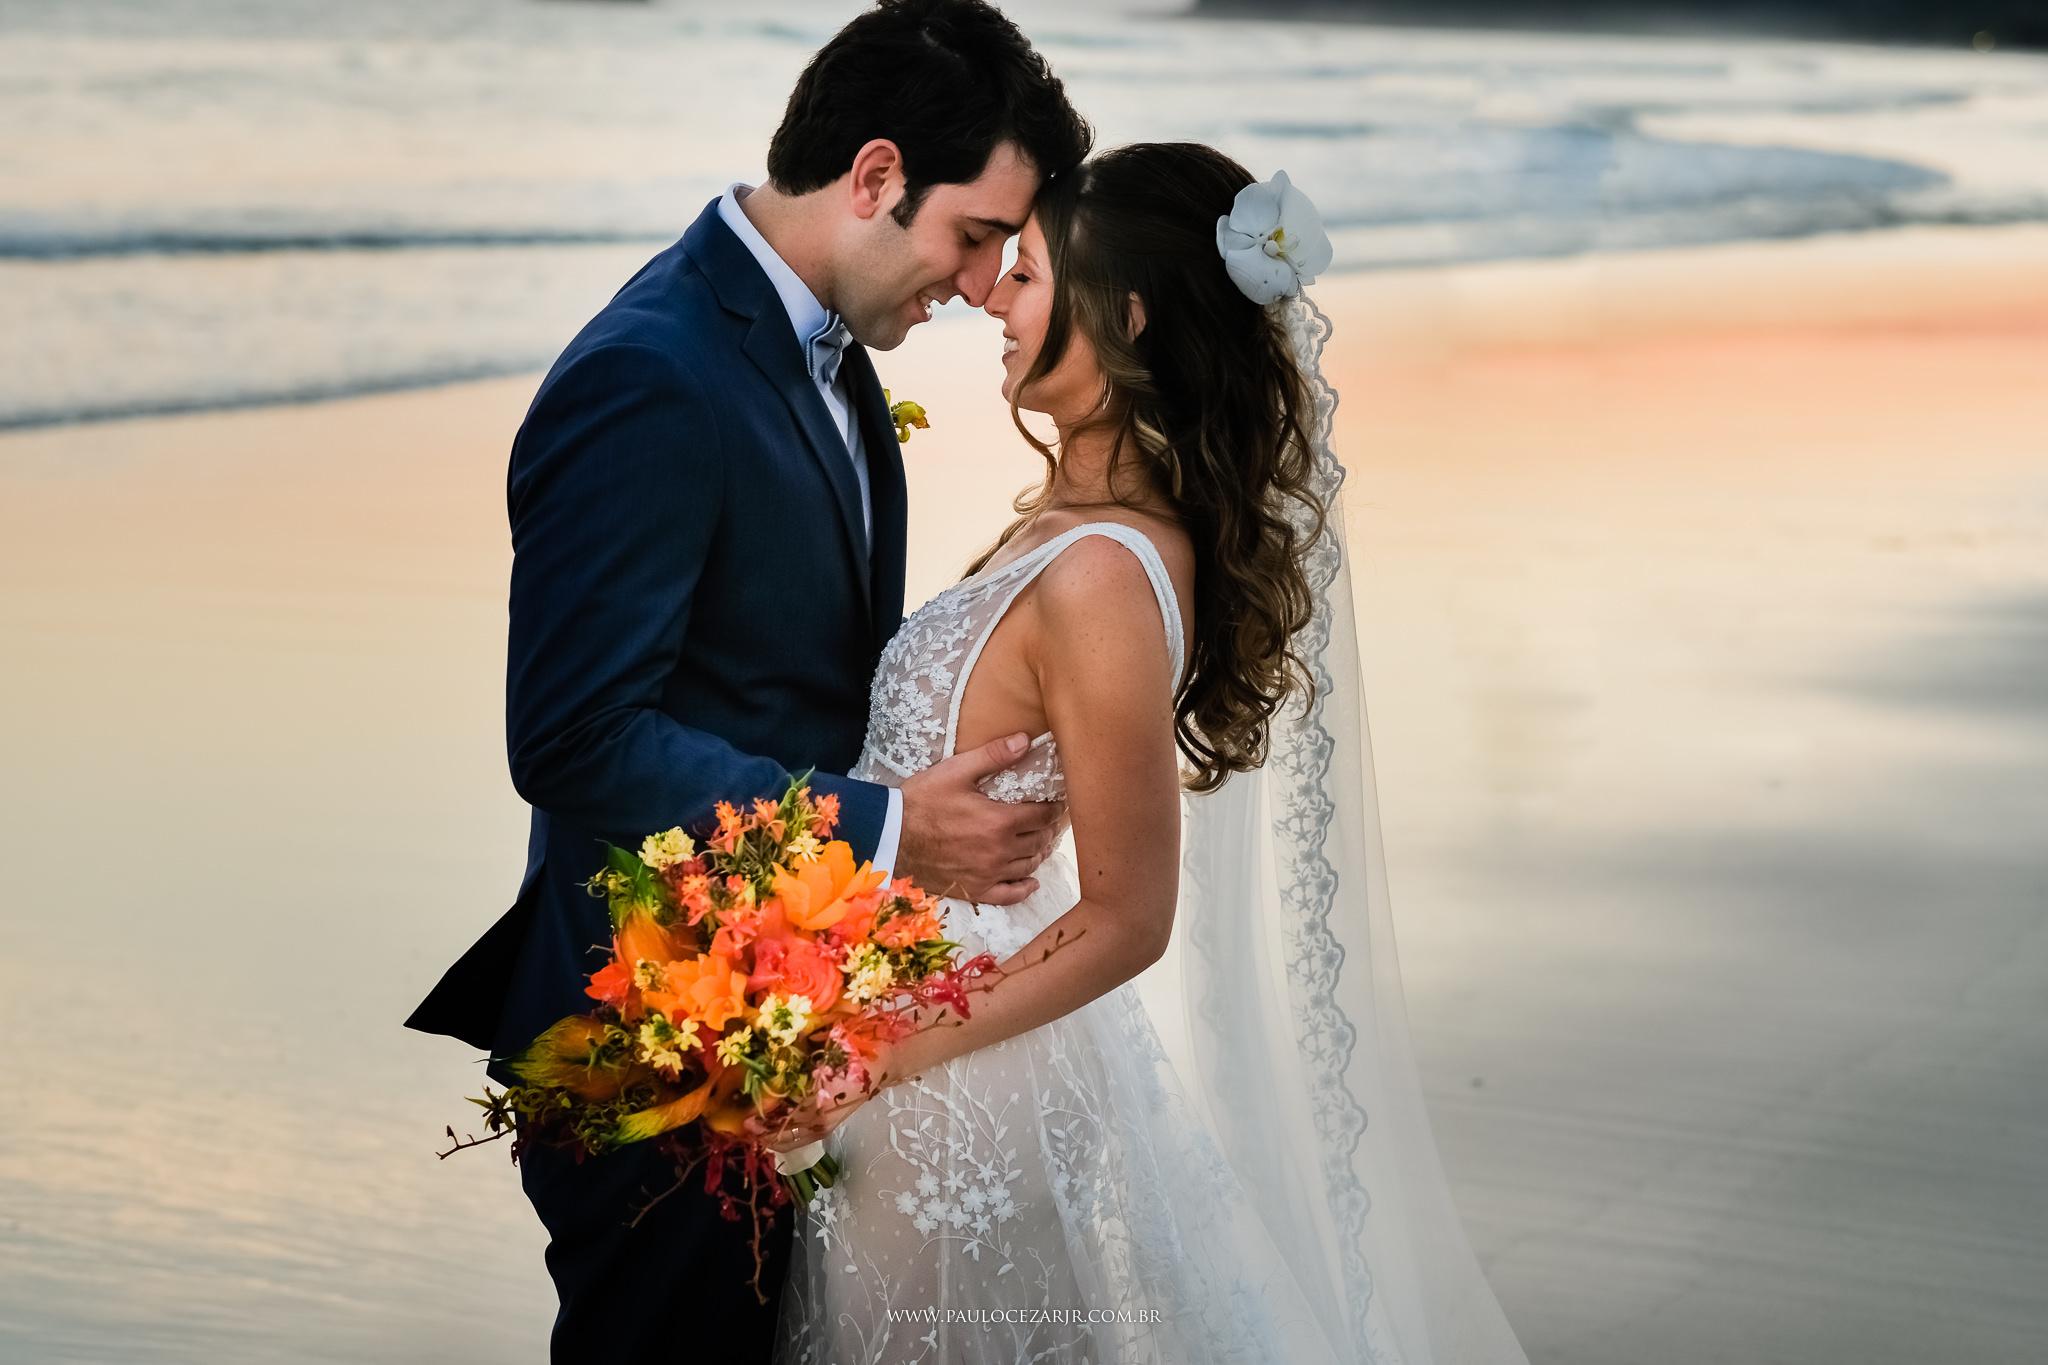 Contate Fotógrafo especializado em casamentos